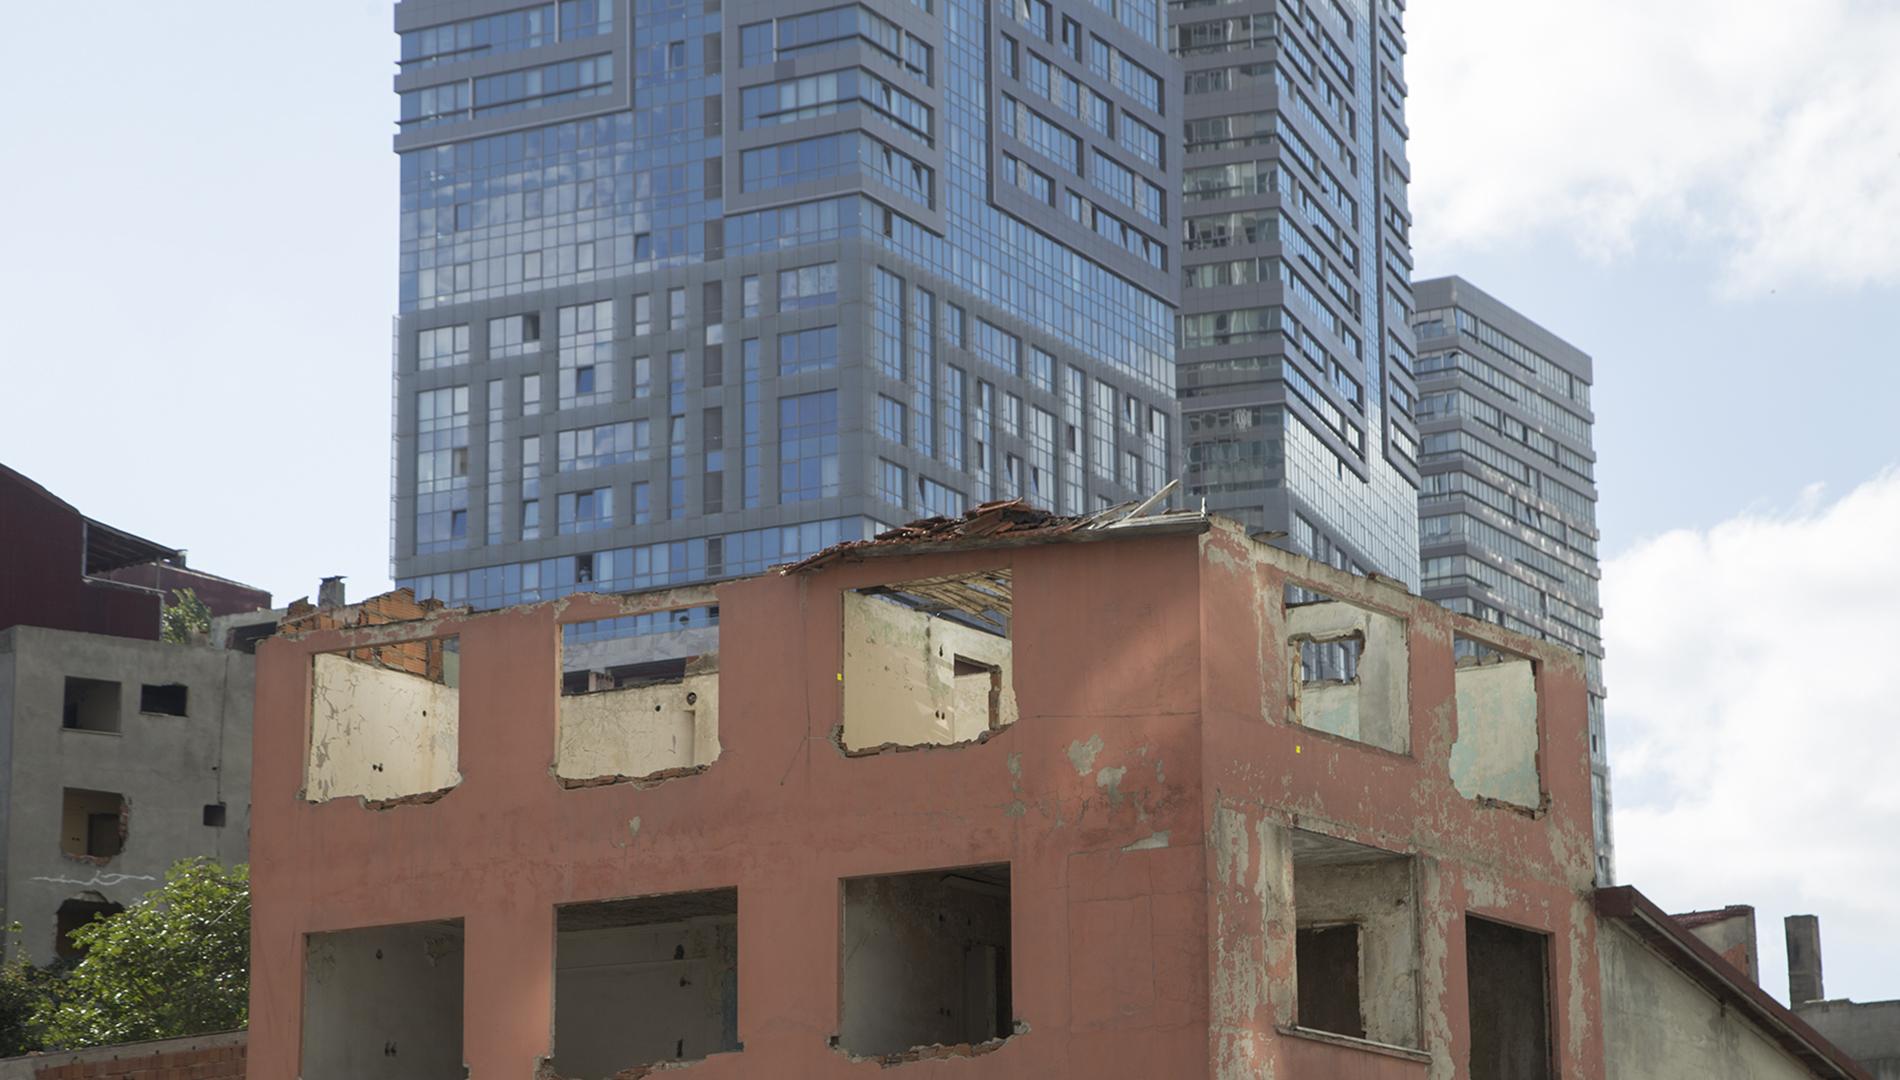 Yarı yıkılmış eski bir binanın ardında yükselen gökdelenimsi rezidans